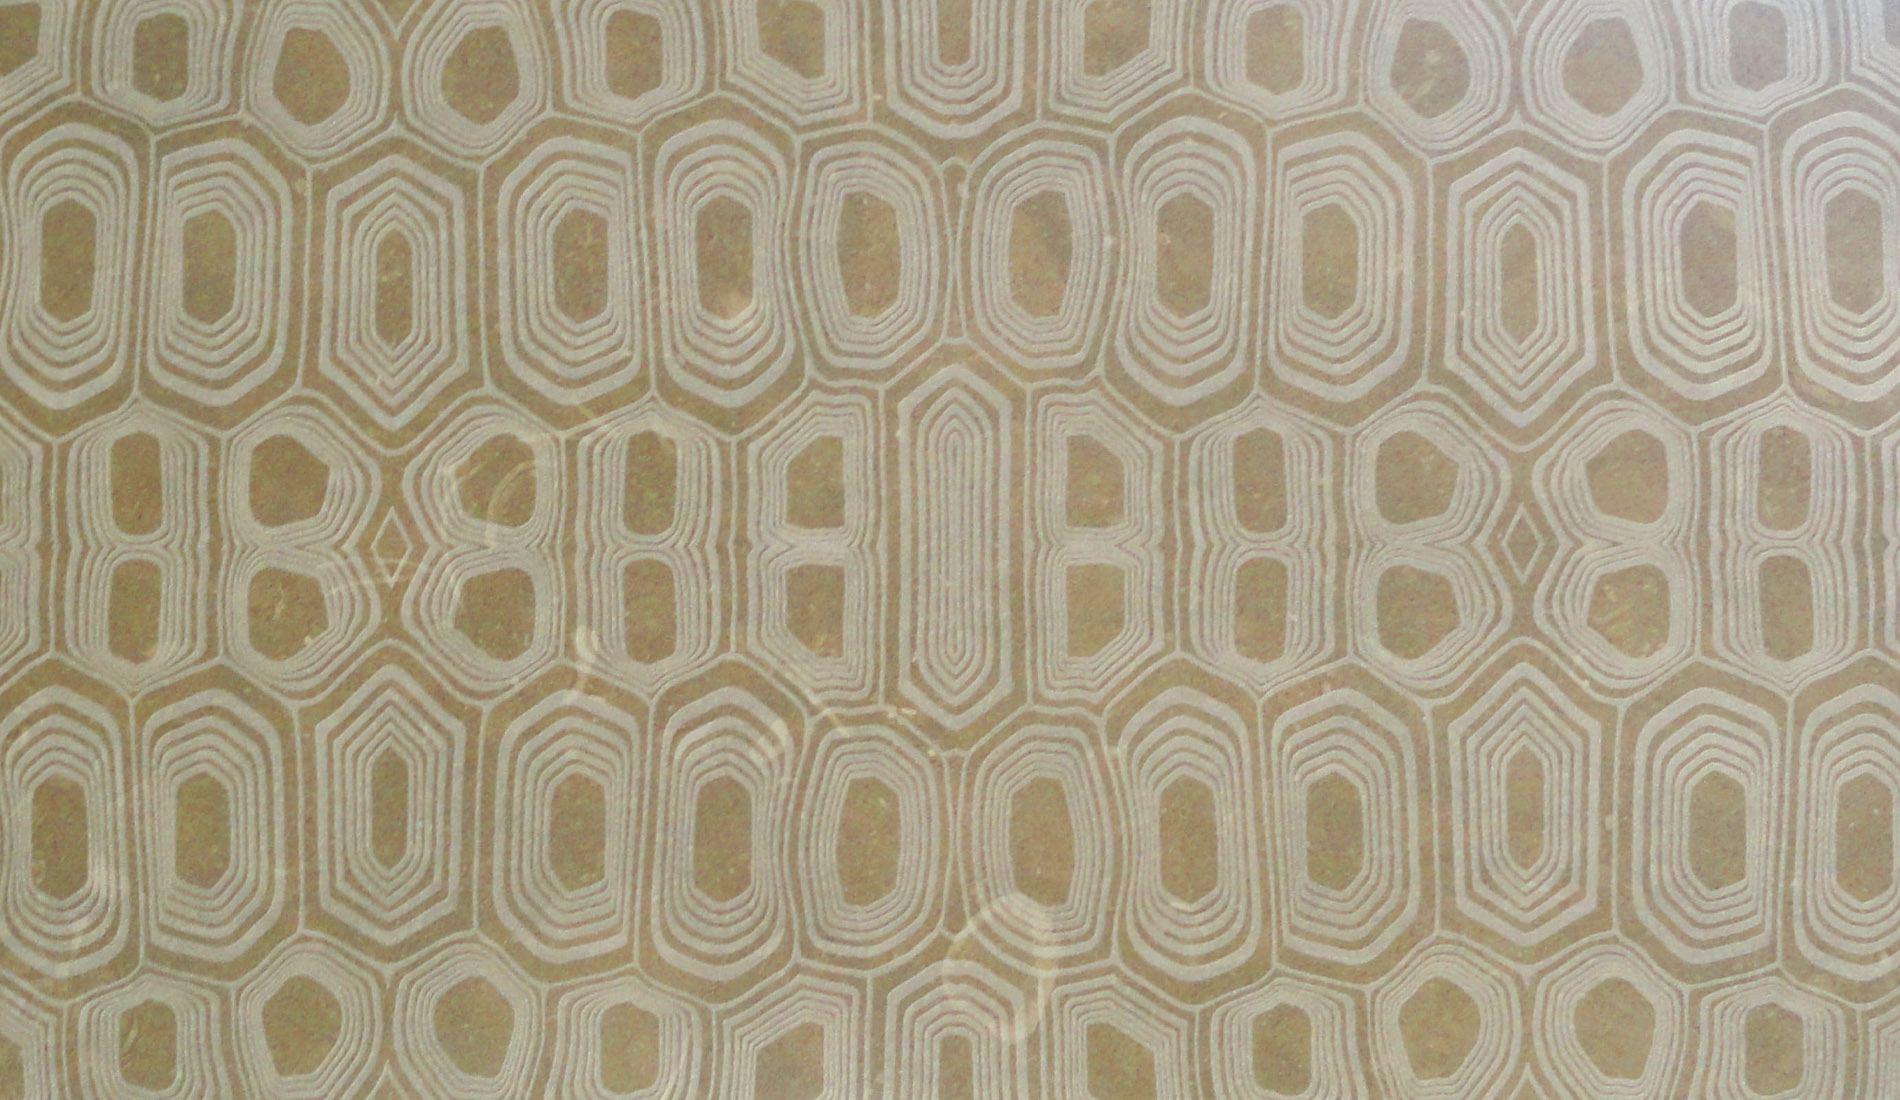 marmi strada texture di marmo 13